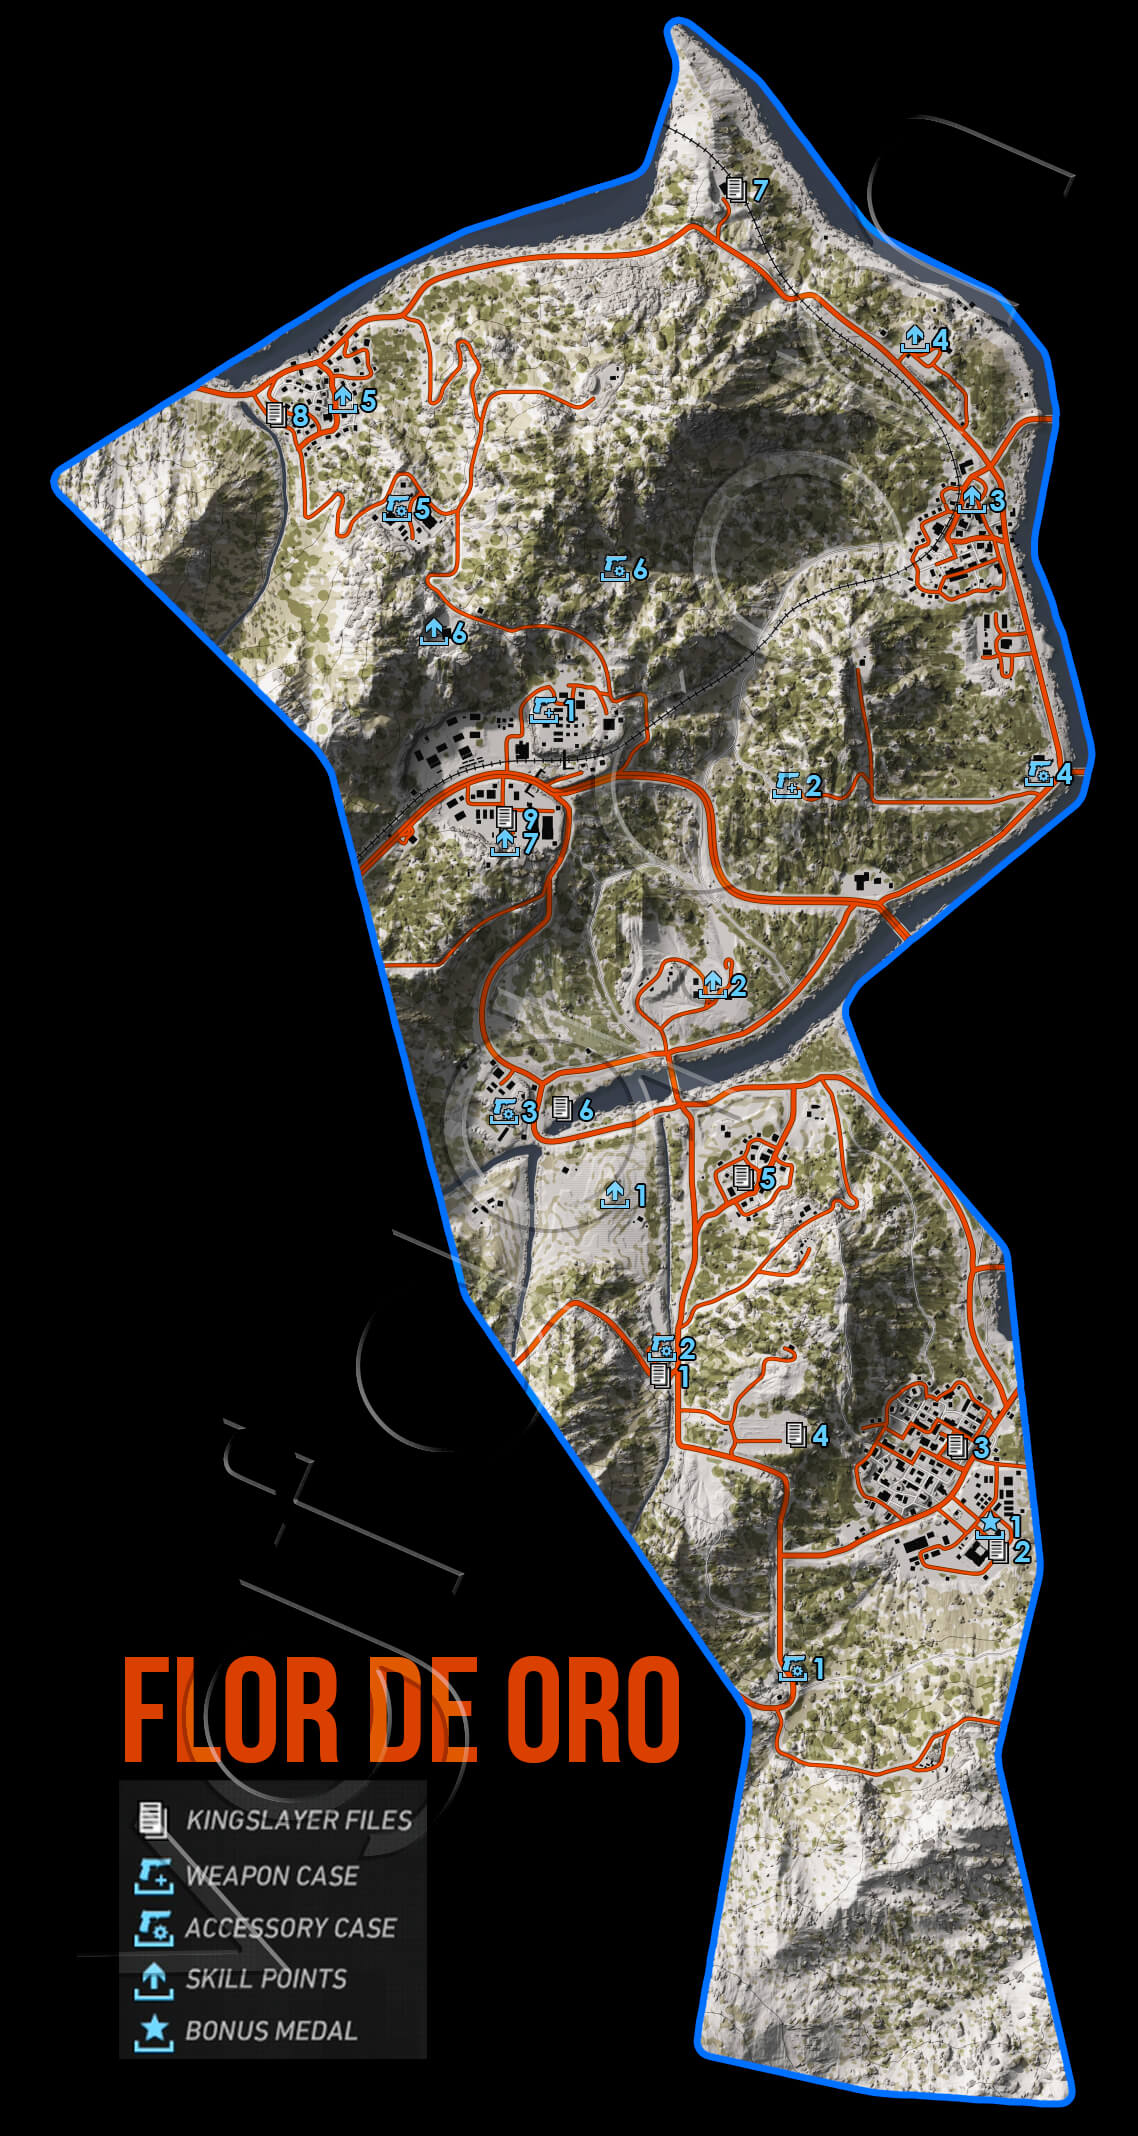 Ghost Recon Wildlands Flor De Oro Collectables Map